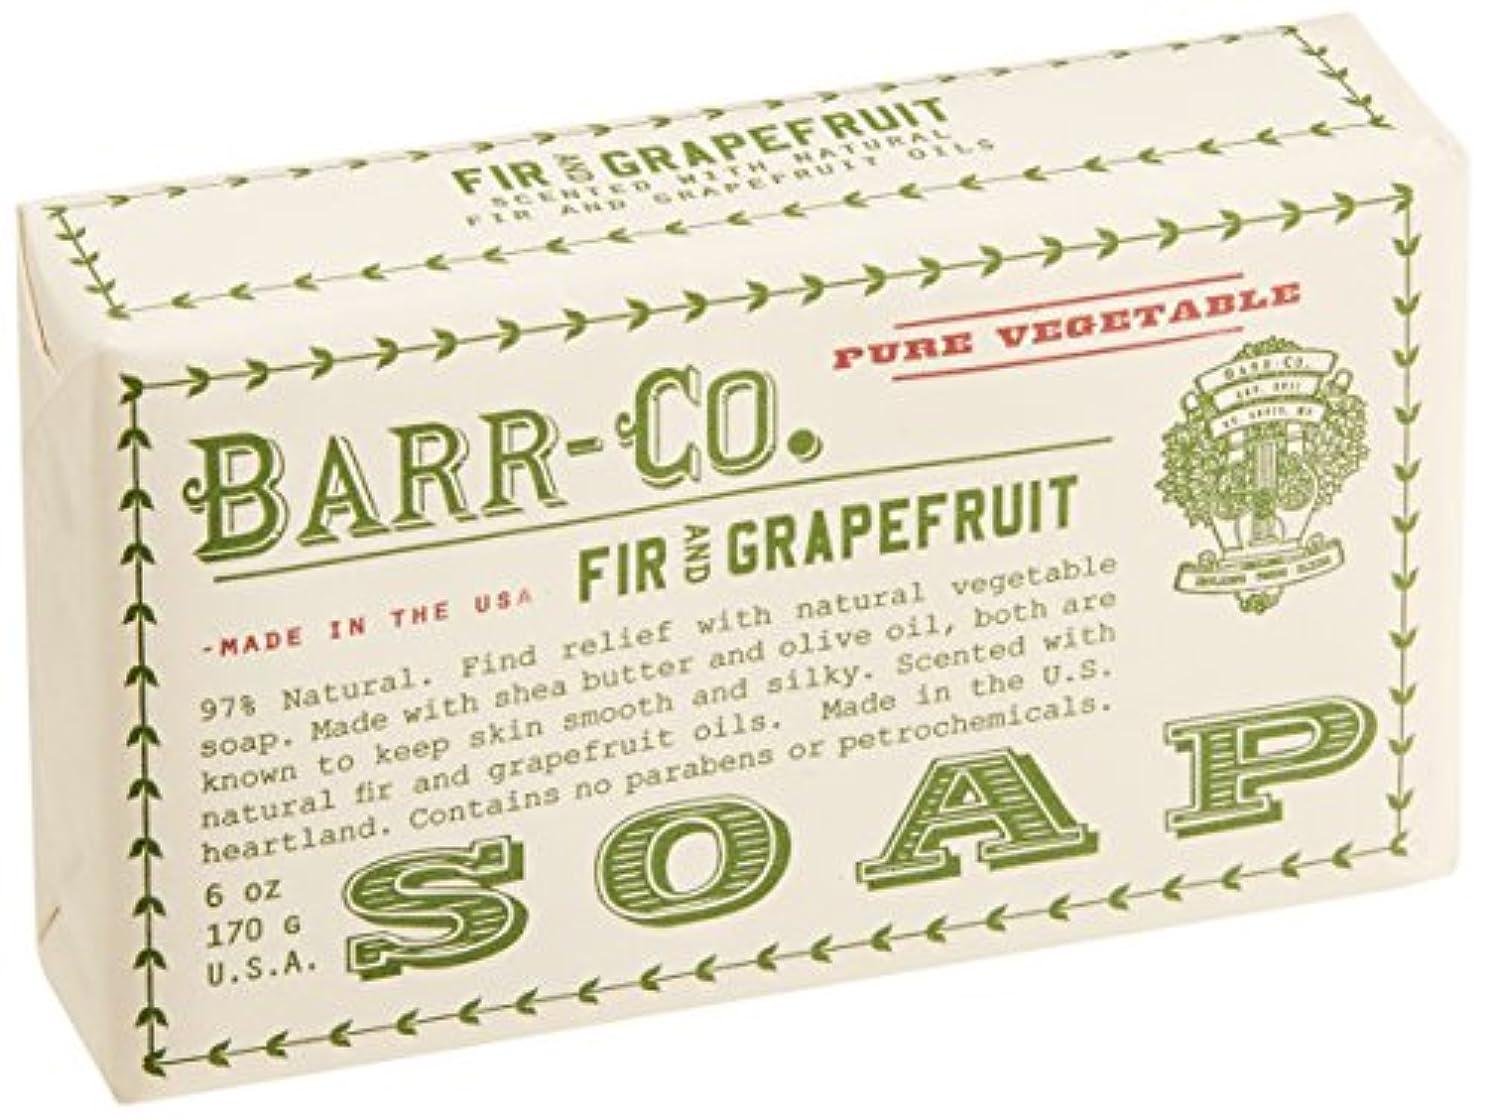 ノイズ勇敢な緊張するBARR-CO.(バーコー) バーソープ FIR&GRAPEFRUIT